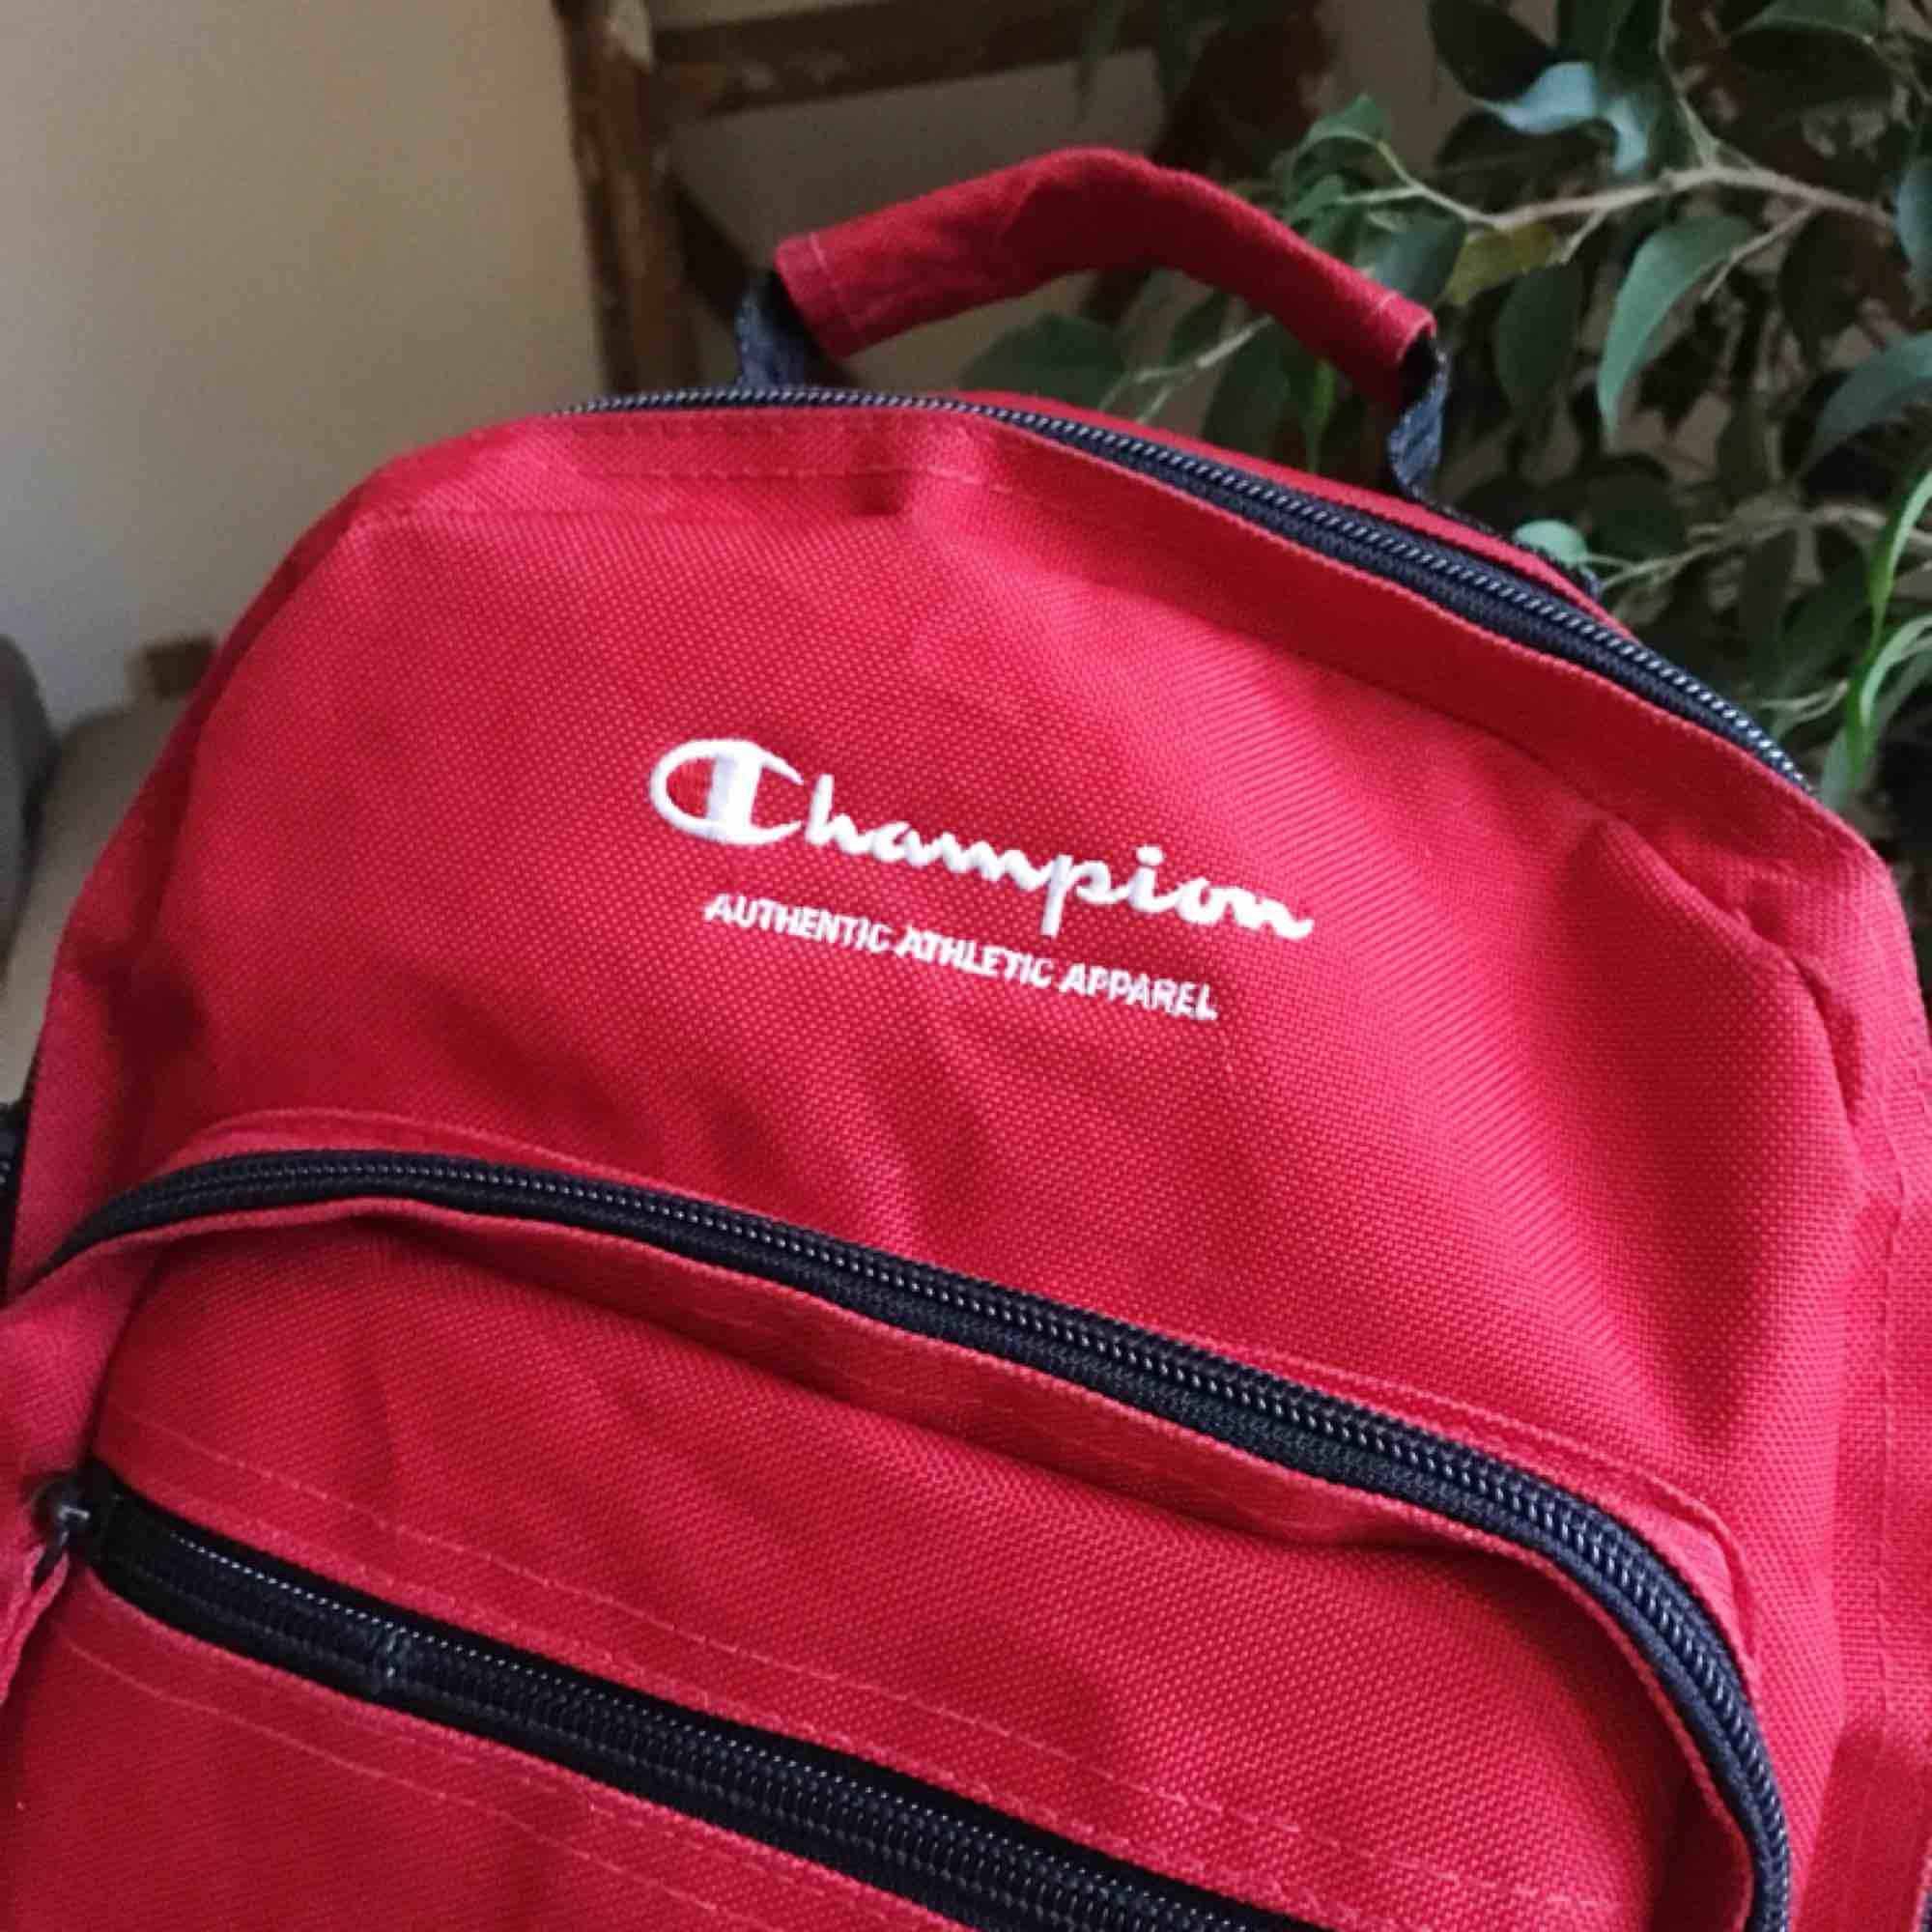 En knallröd ryggsäck från champion - Väskor - Second Hand da176215c587a